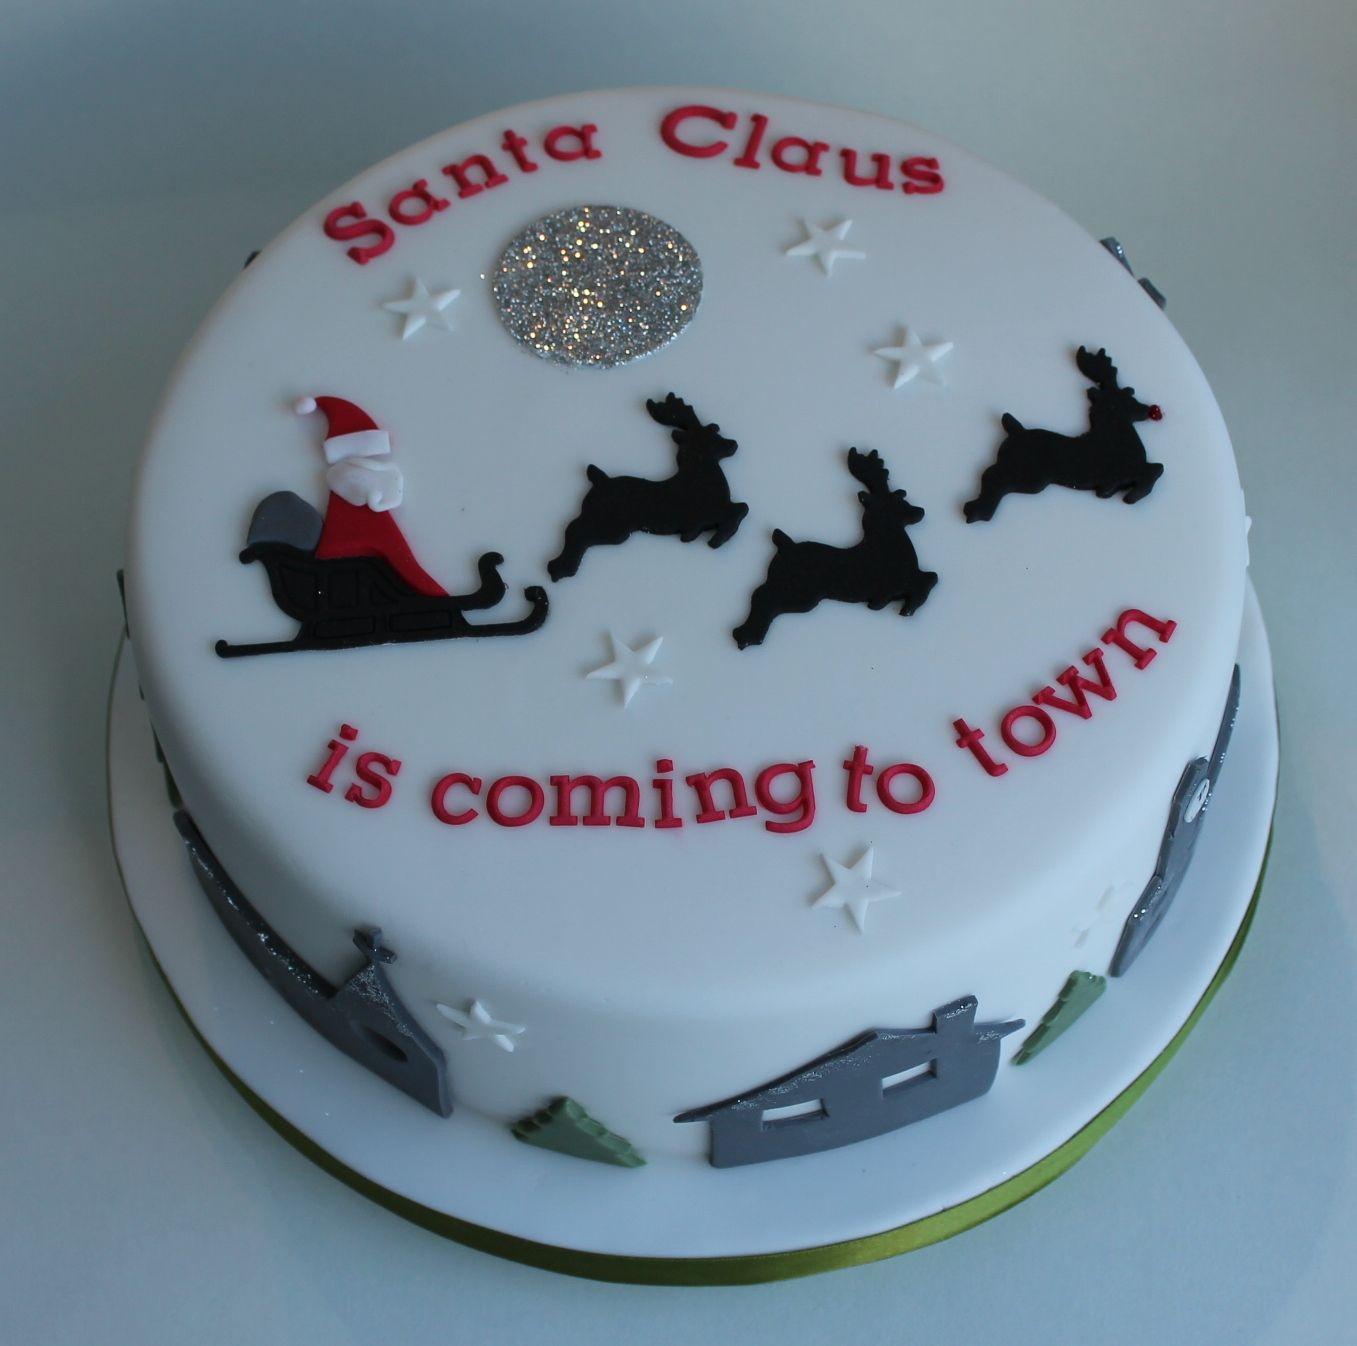 Santa Claus Christmas cake by The Little Velvet Cake Company